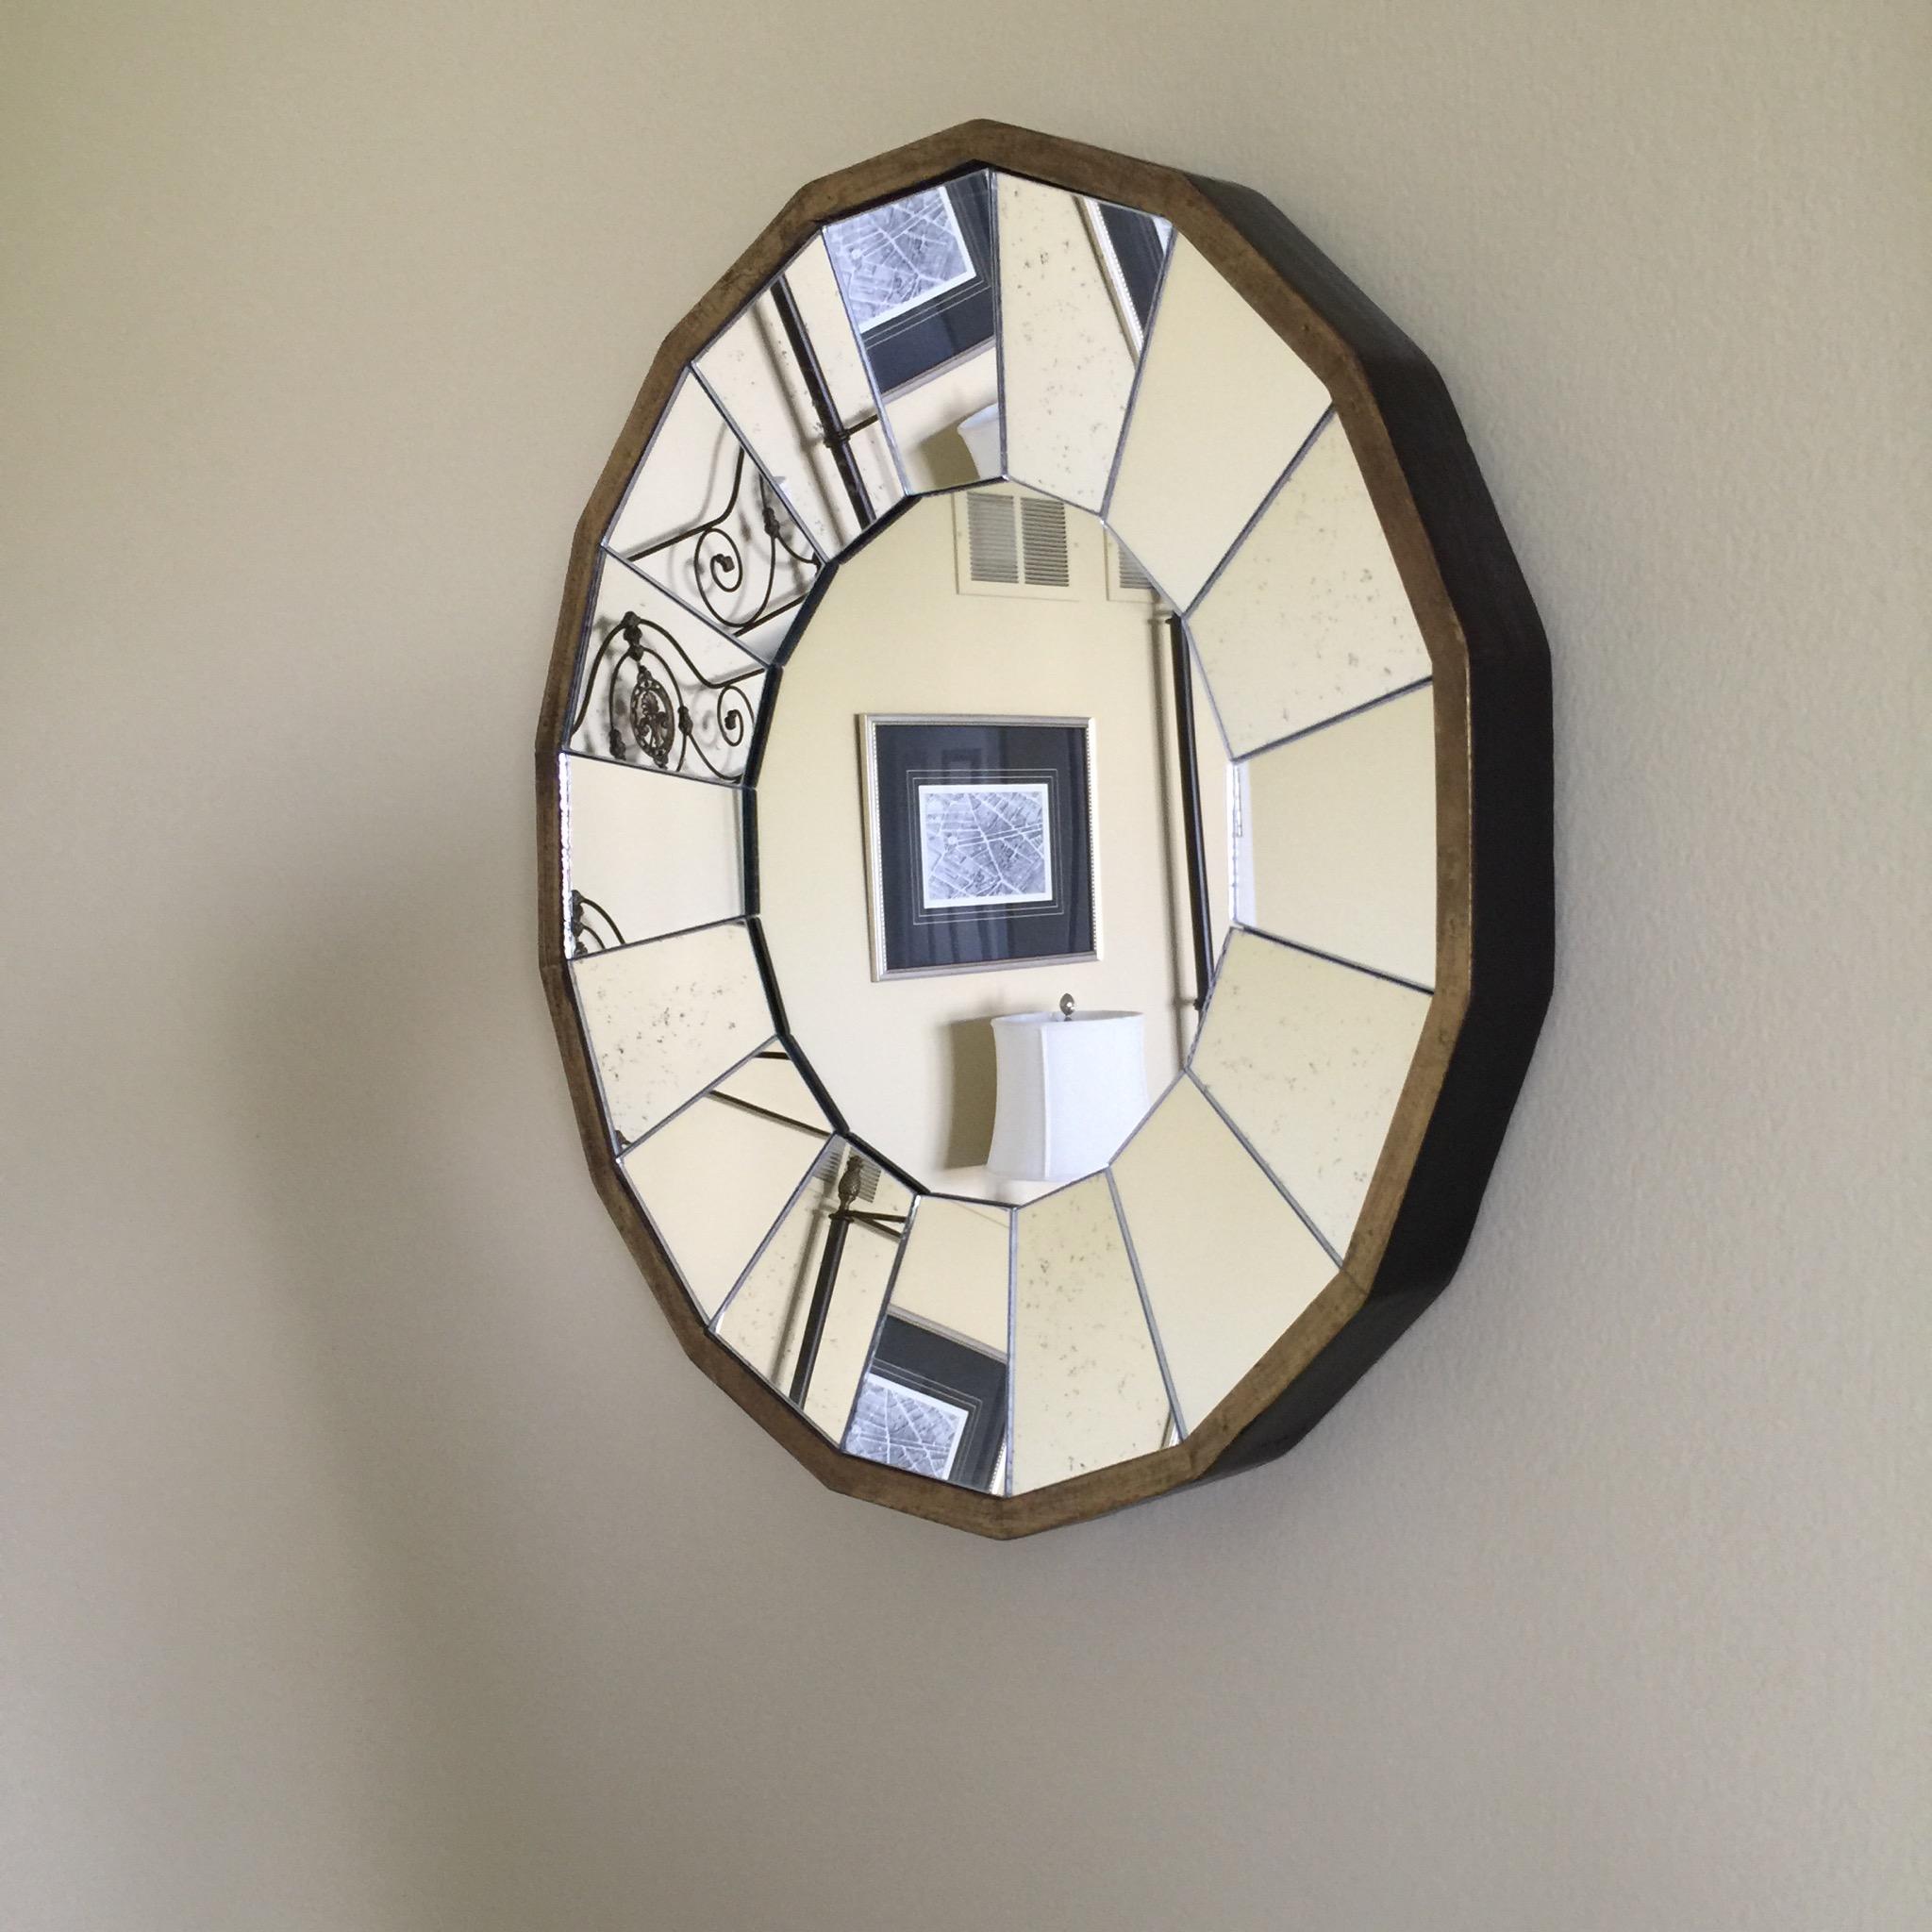 Art Deco Round Mirror.jpg